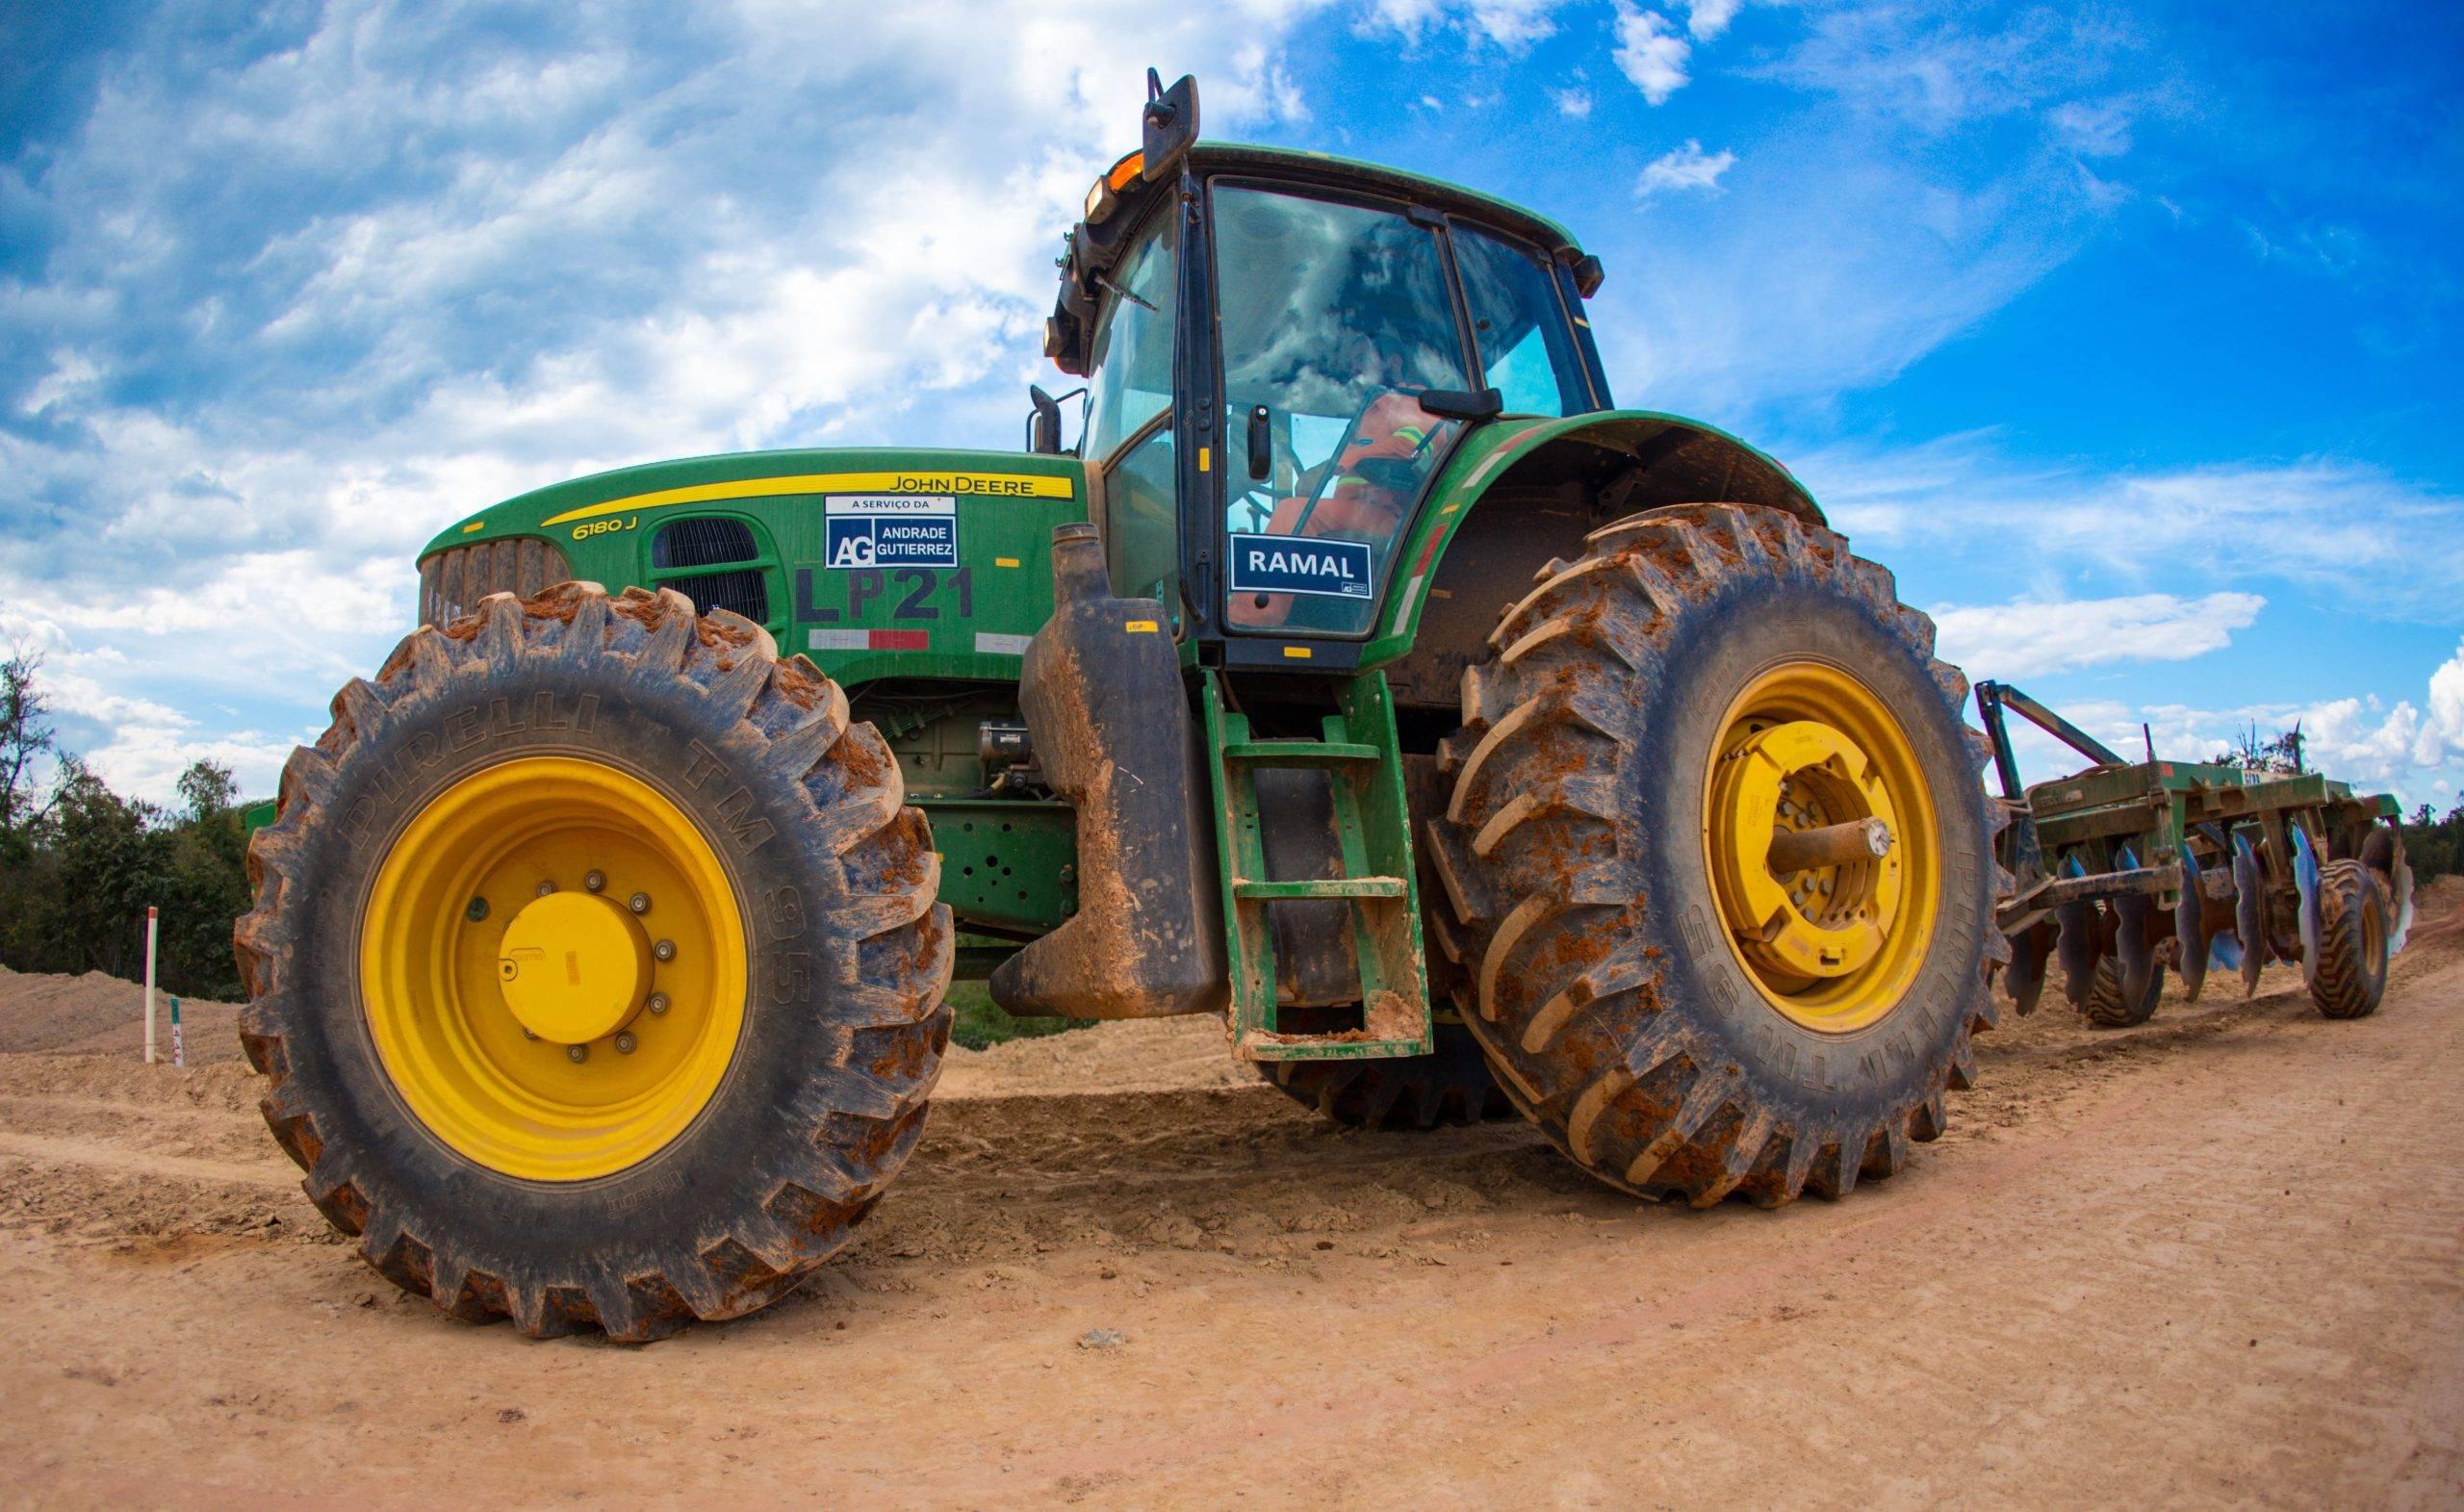 visão lateral de um trator agrícola disponível para locação com a Lafaete